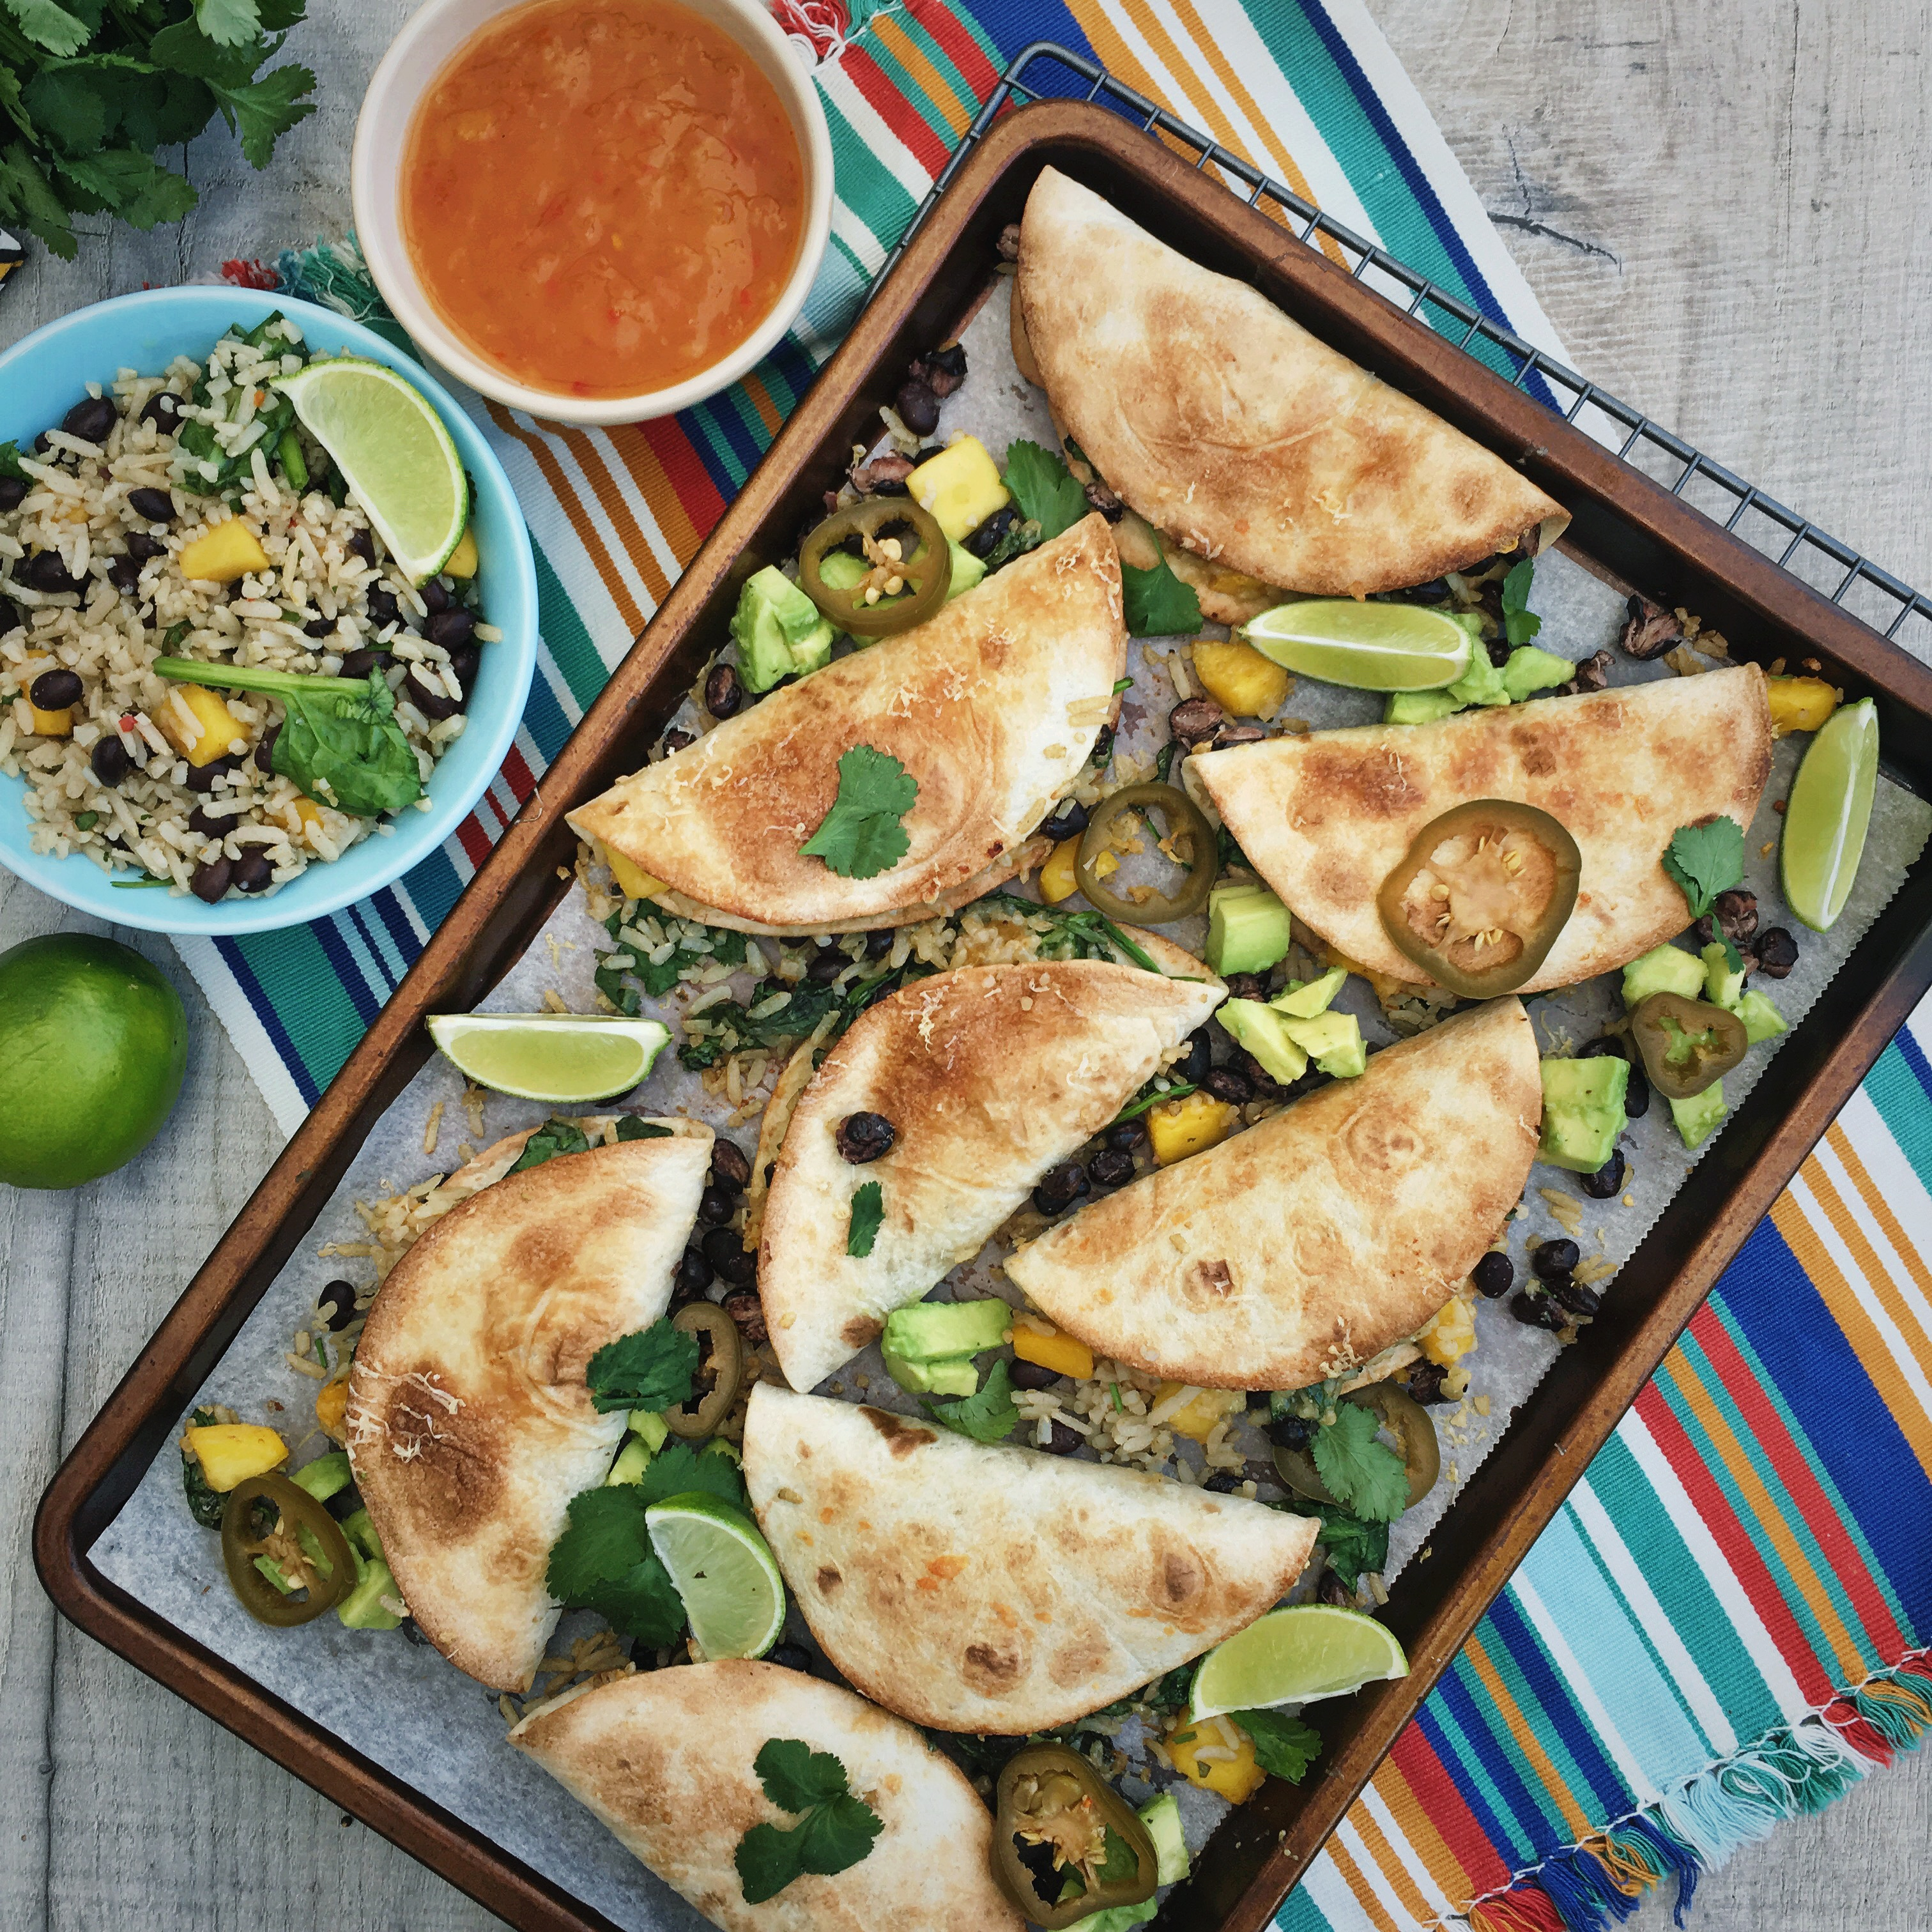 Soft taco's met bonen, rijst en mango